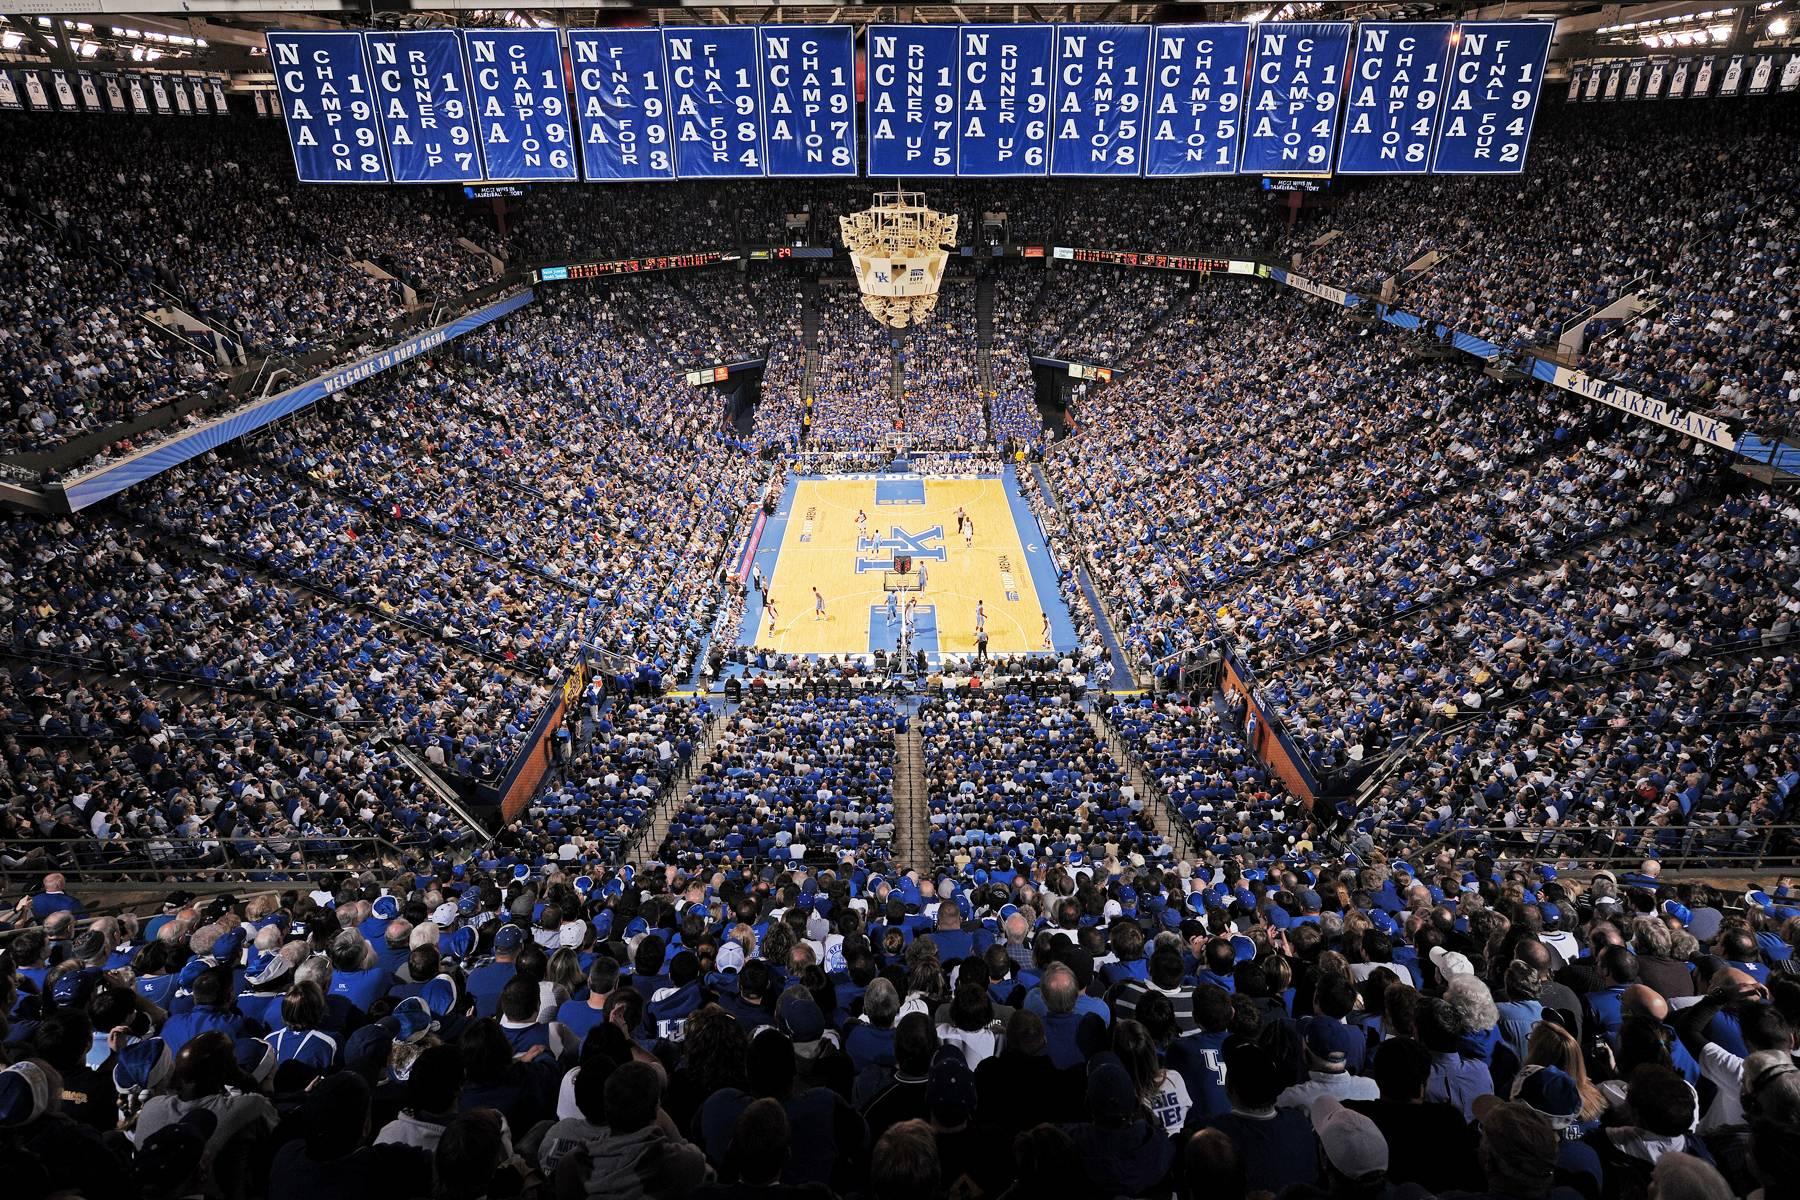 Plangton Wallpaper University Of Kentucky Wallpaper: College Basketball Wallpapers